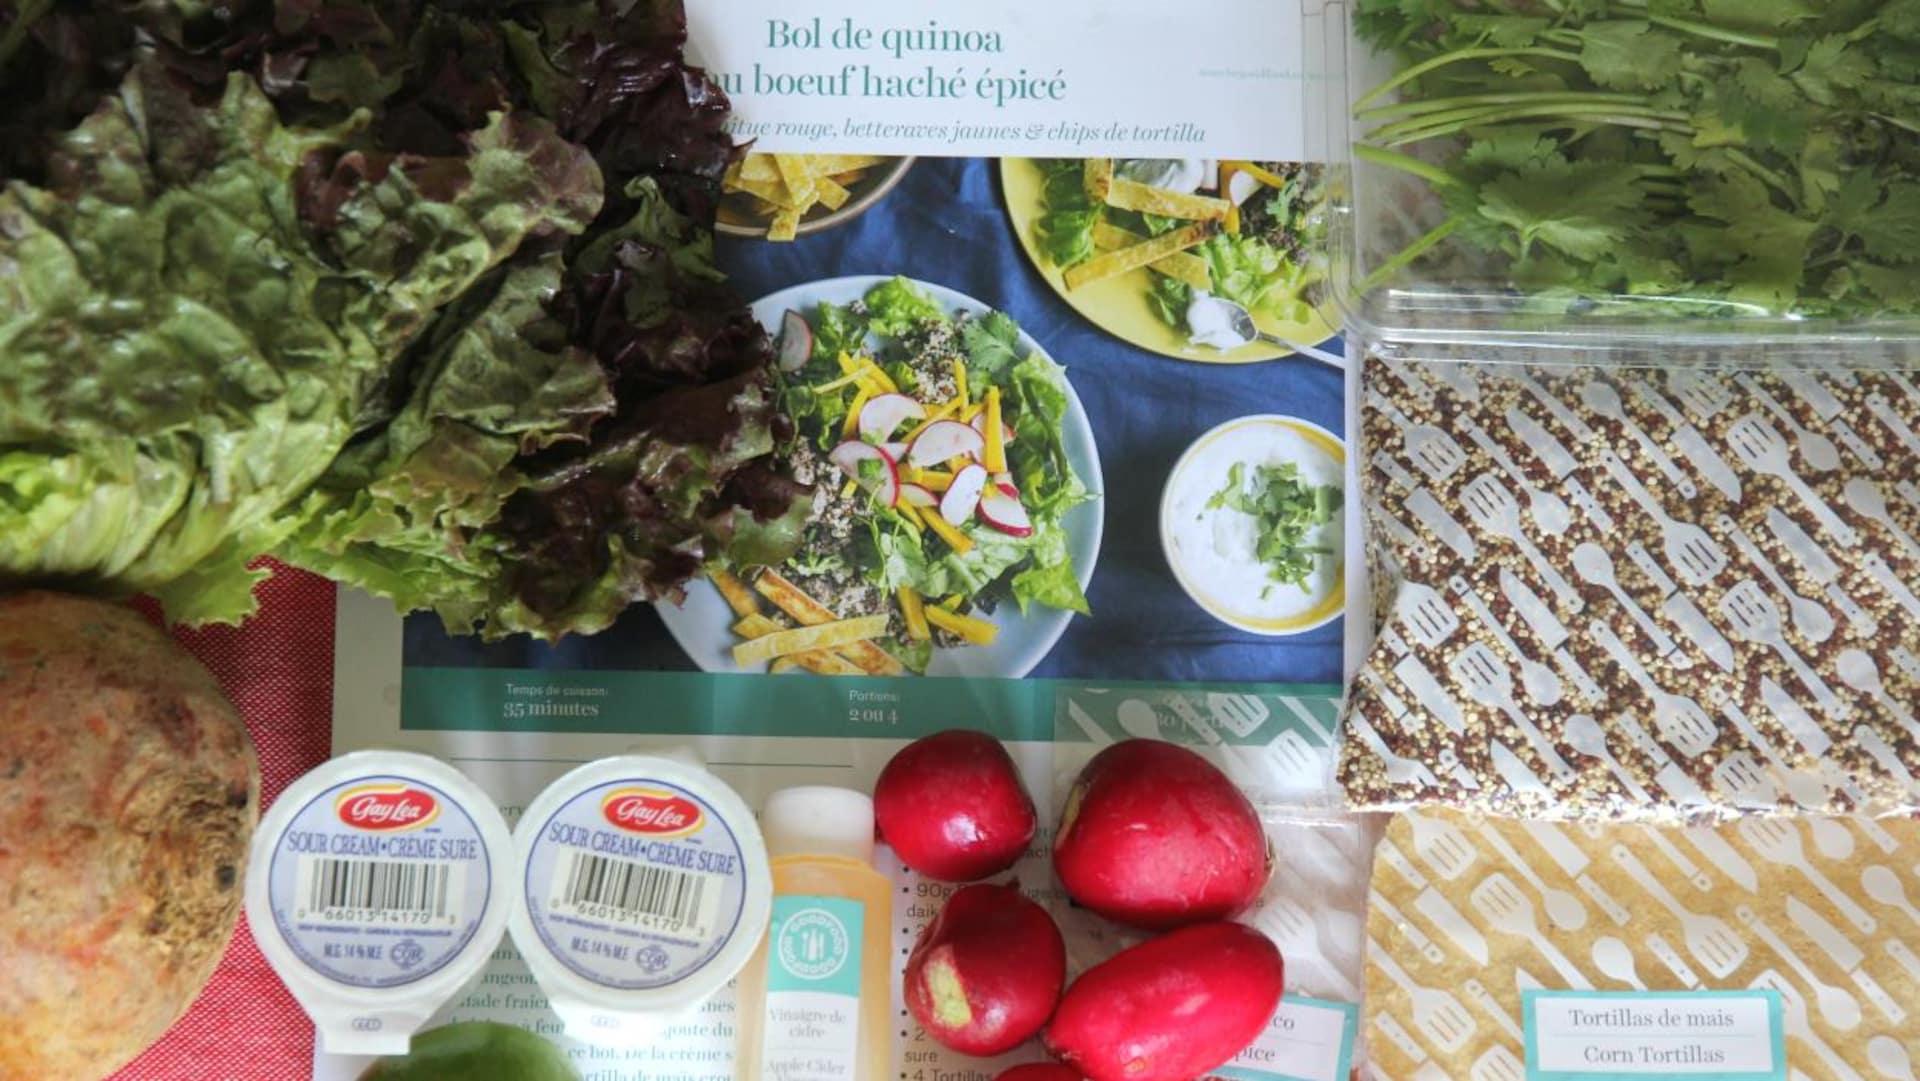 Les ingrédients réunis pour la recette de bol de quinoa au bœuf haché épicé de Marché Goodfood